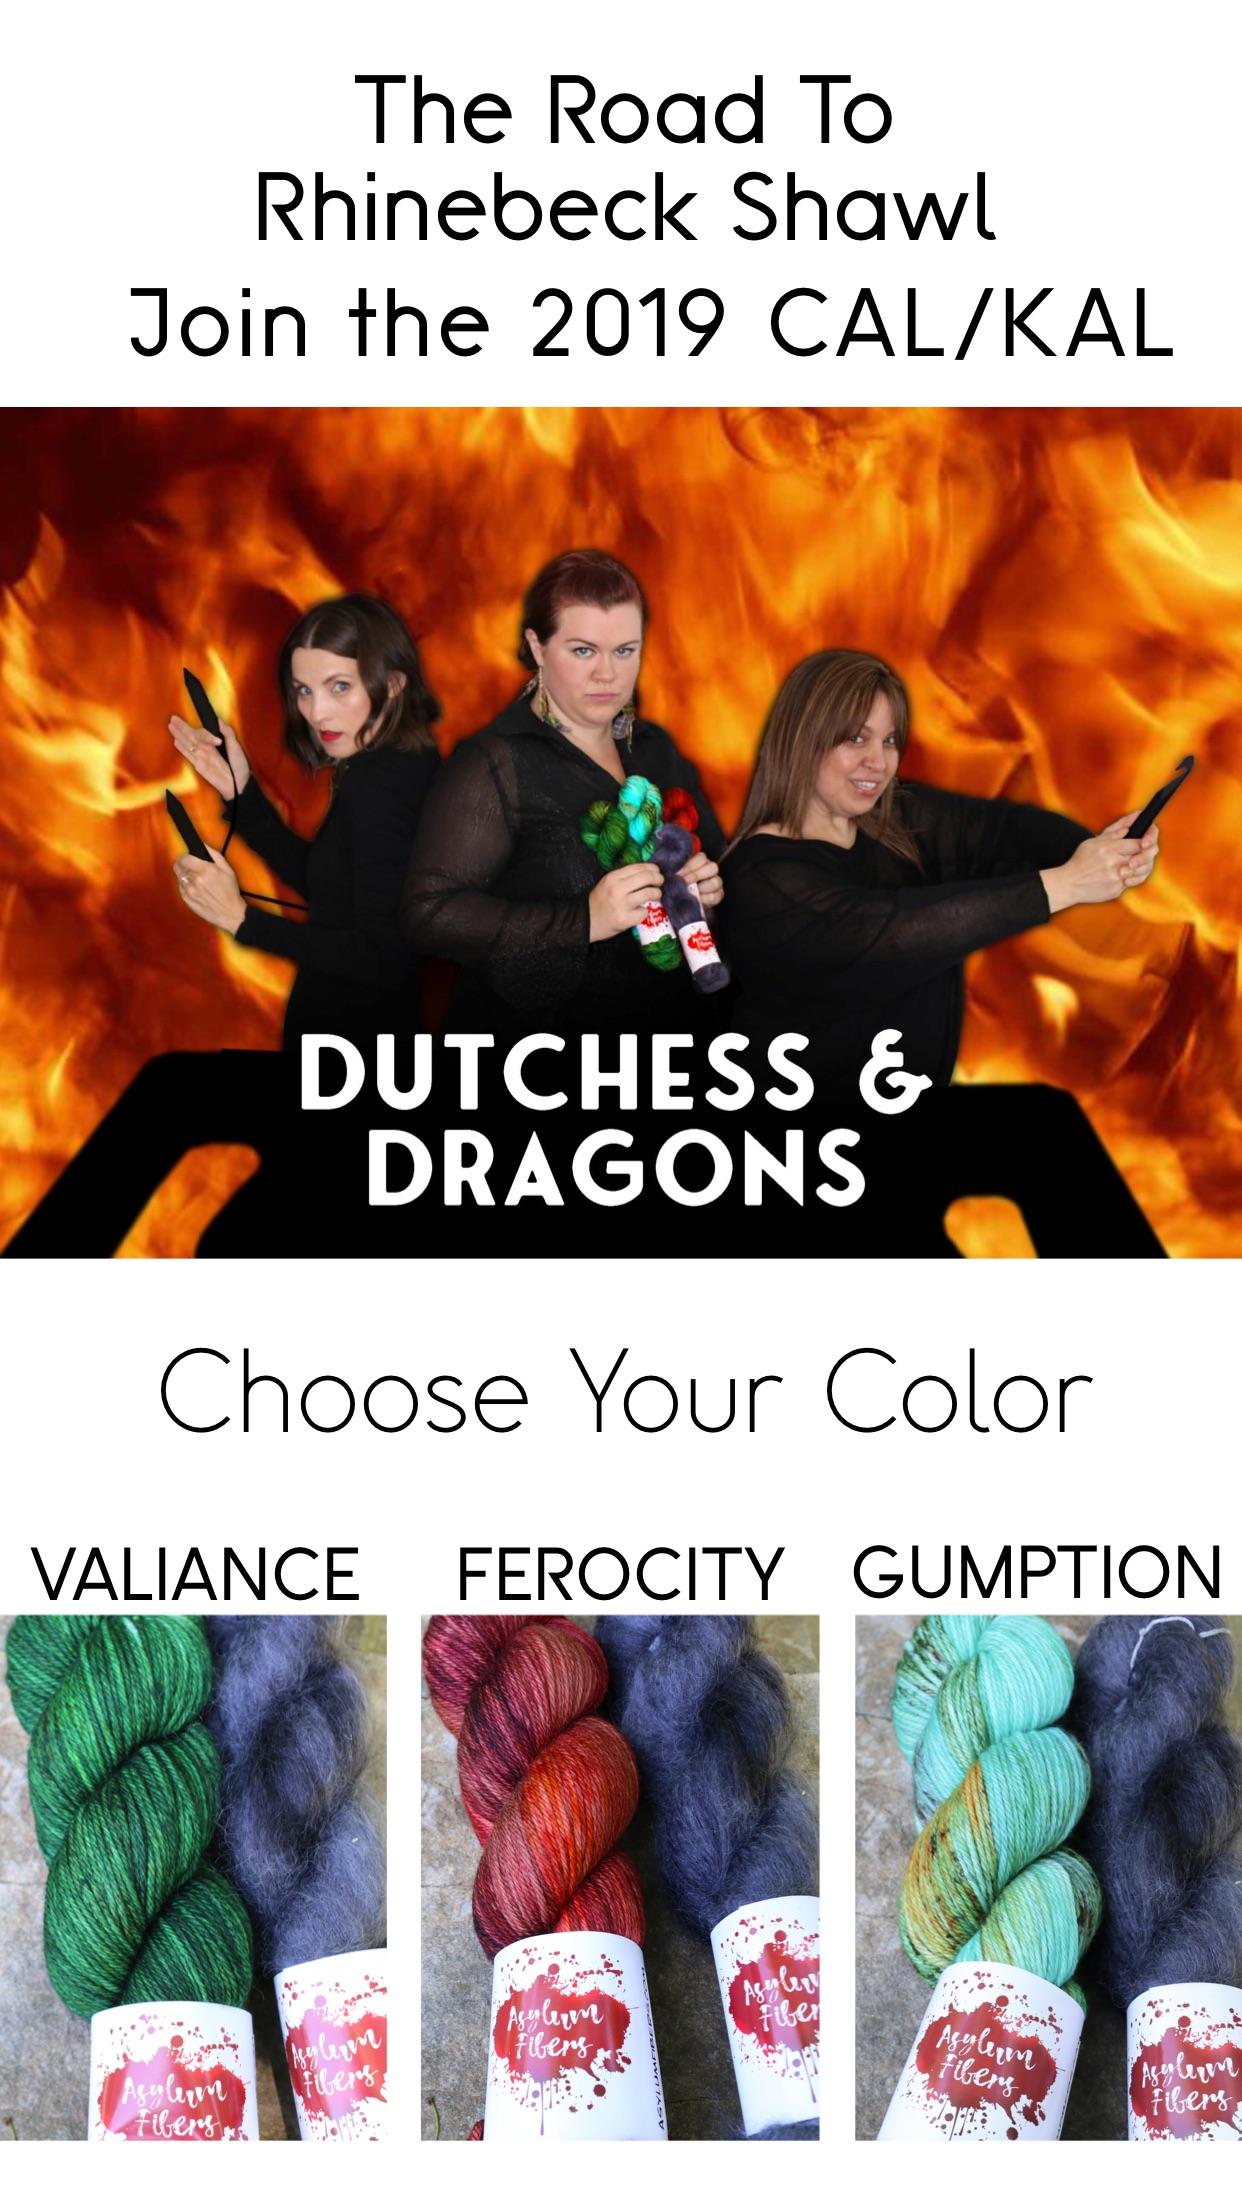 Dutchess_And_Dragons_Rhinebeck_KAL_CAL_2019_22.jpg